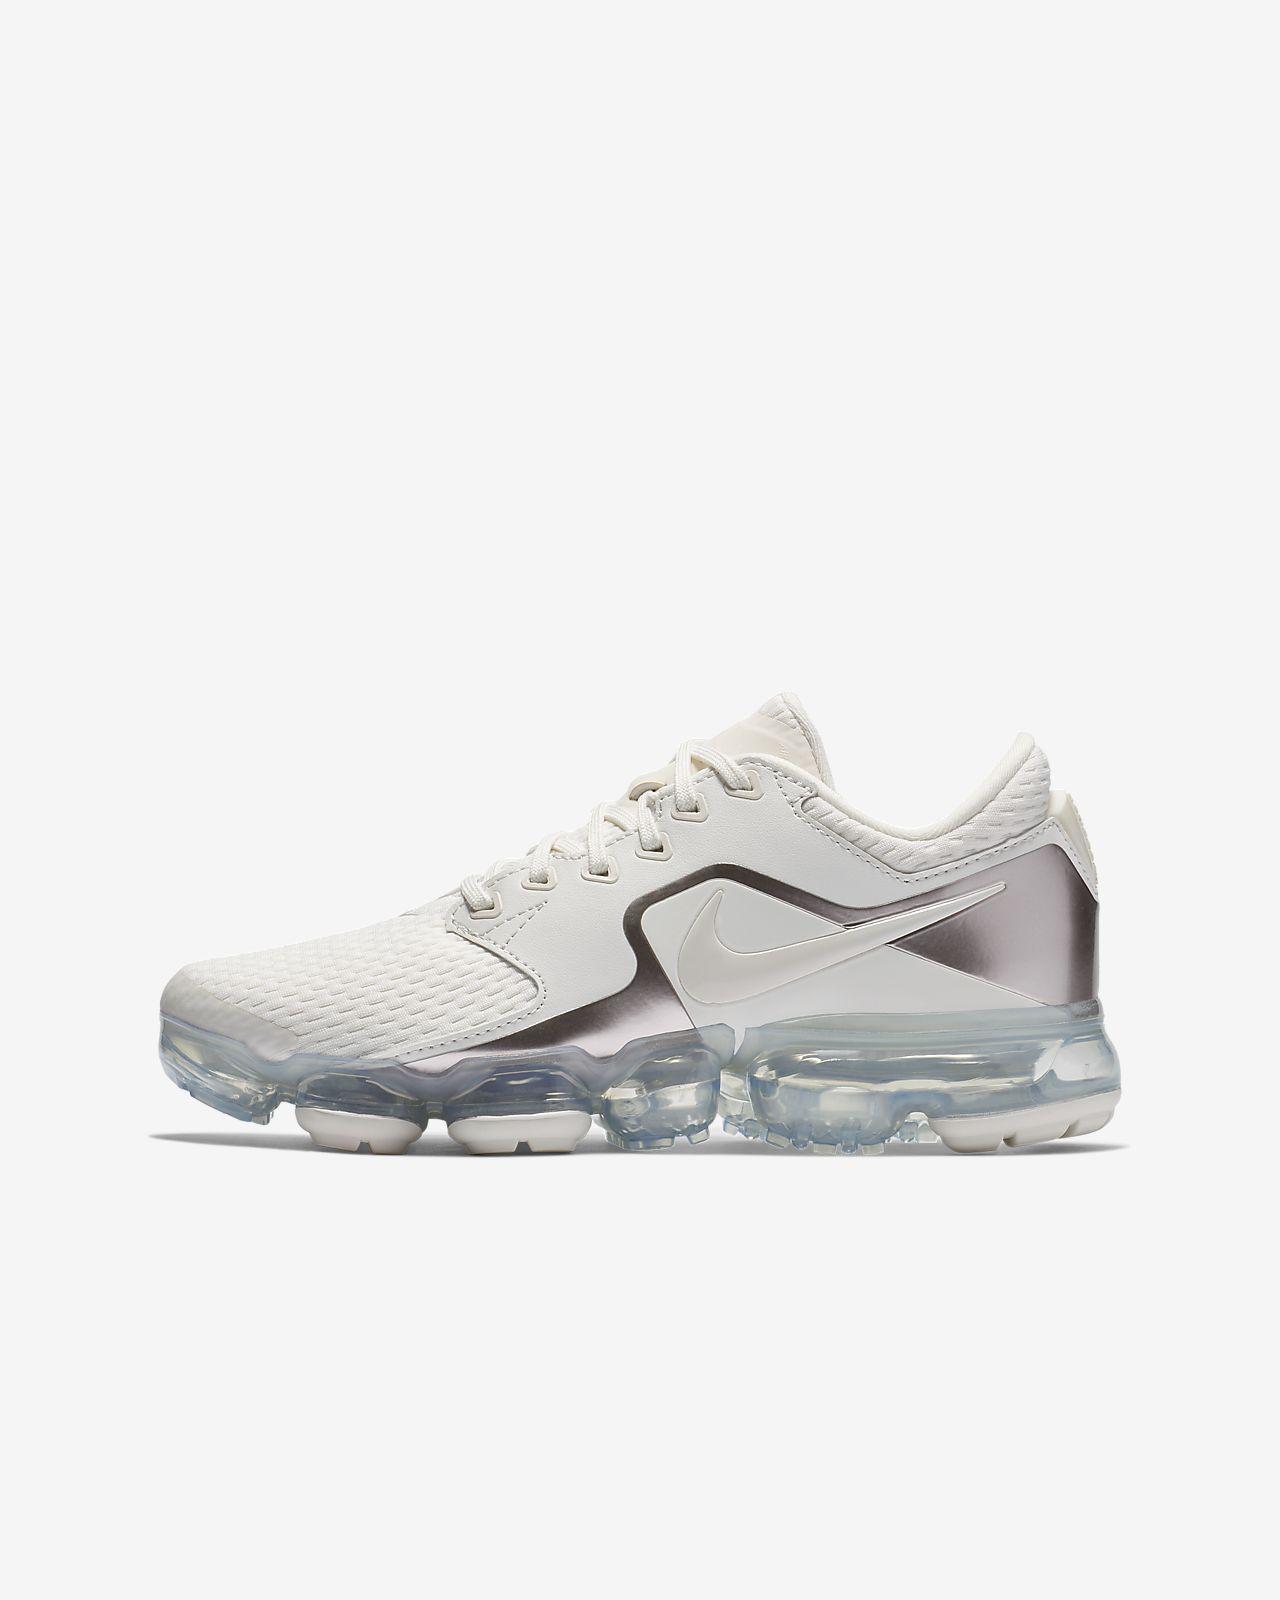 4d6144a5c479 Nike Nike Air VaporMax Older Kids  Running Shoe at £99.95